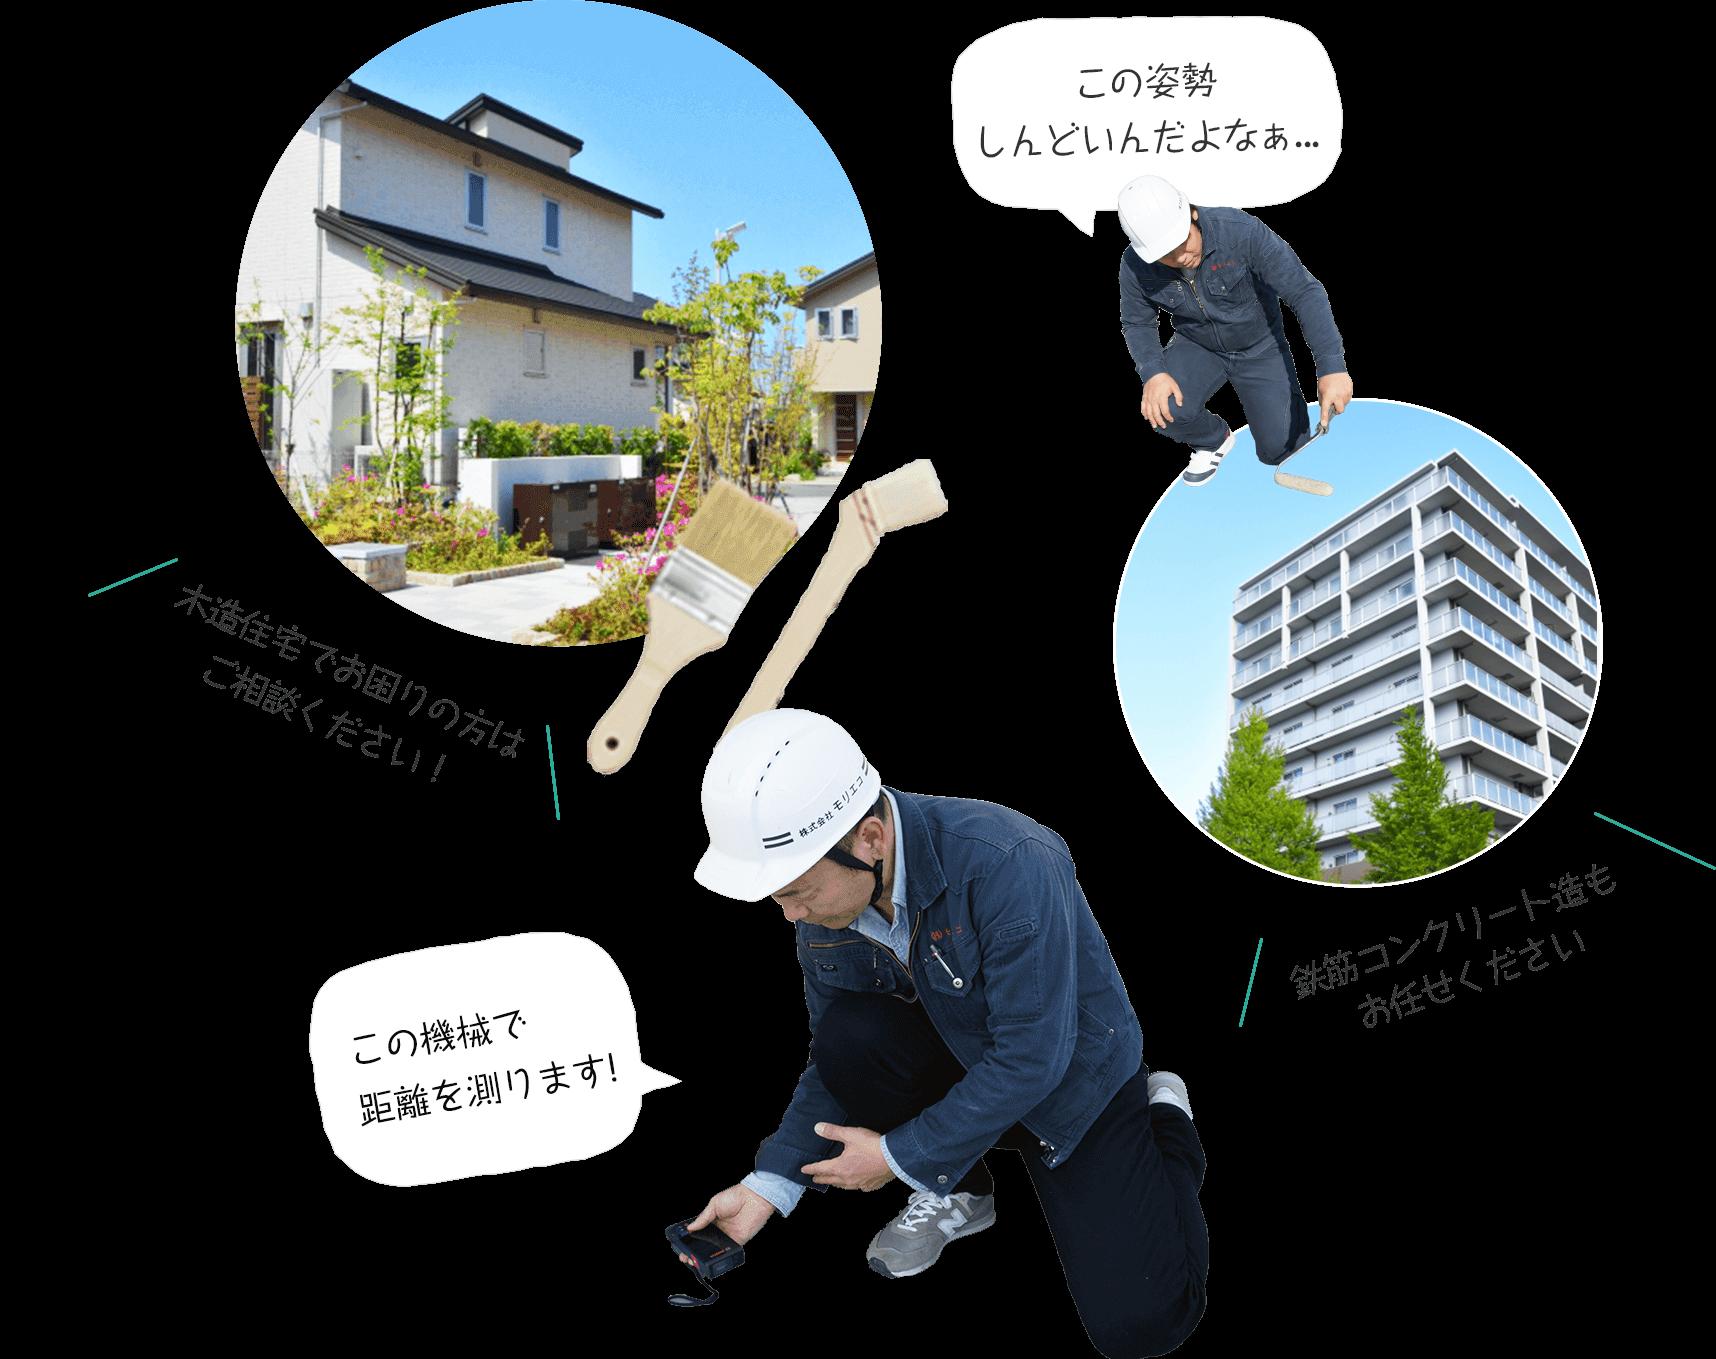 木造住宅でお困りの方はご相談ください!鉄筋コンクリート造もお任せください